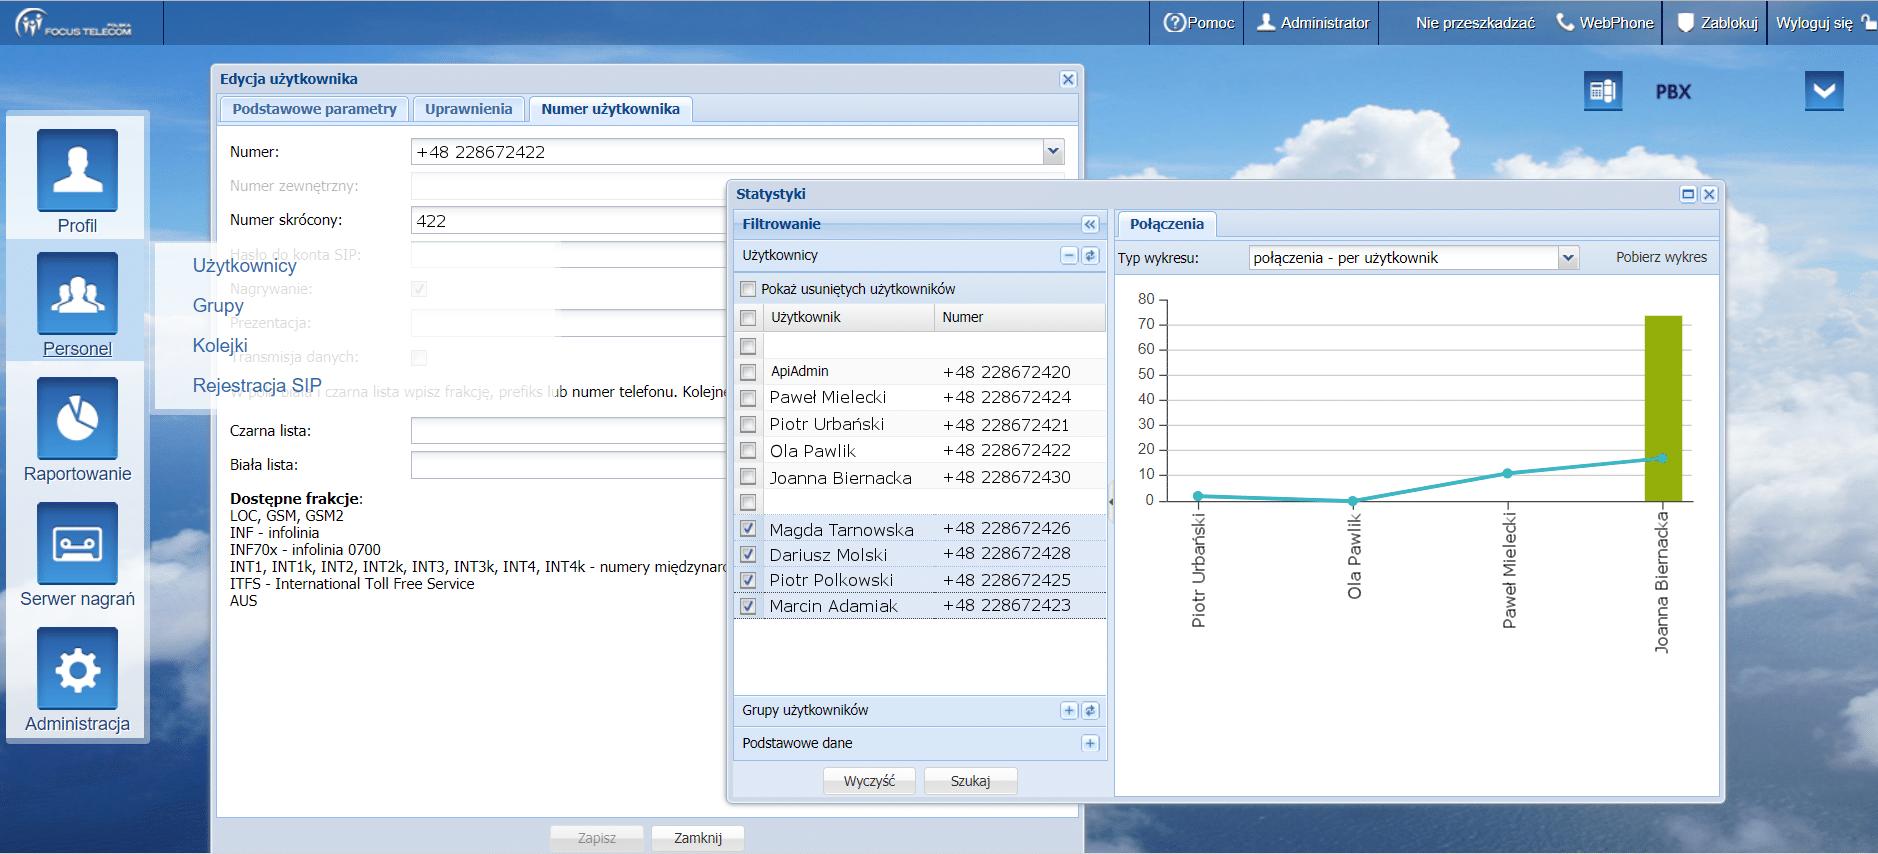 Konfiguracja centrali telefonicznej - panel konfiguracji